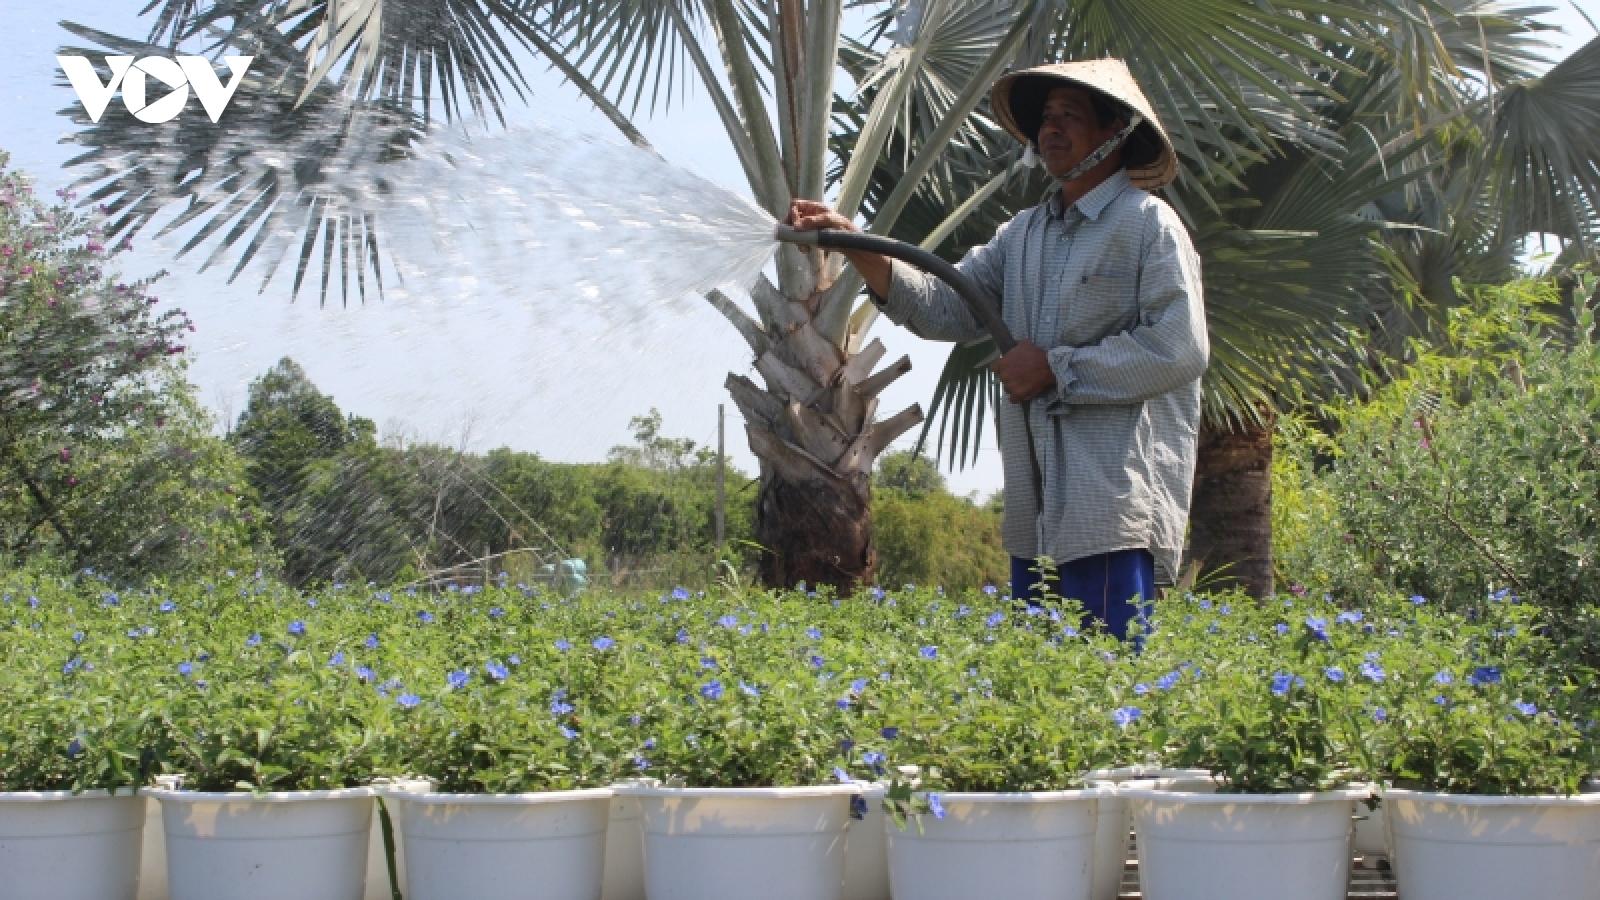 Người lao độngbị ảnh hưởng dịch tại Vĩnh Long được vay 100 triệu đồng để tái sản xuất